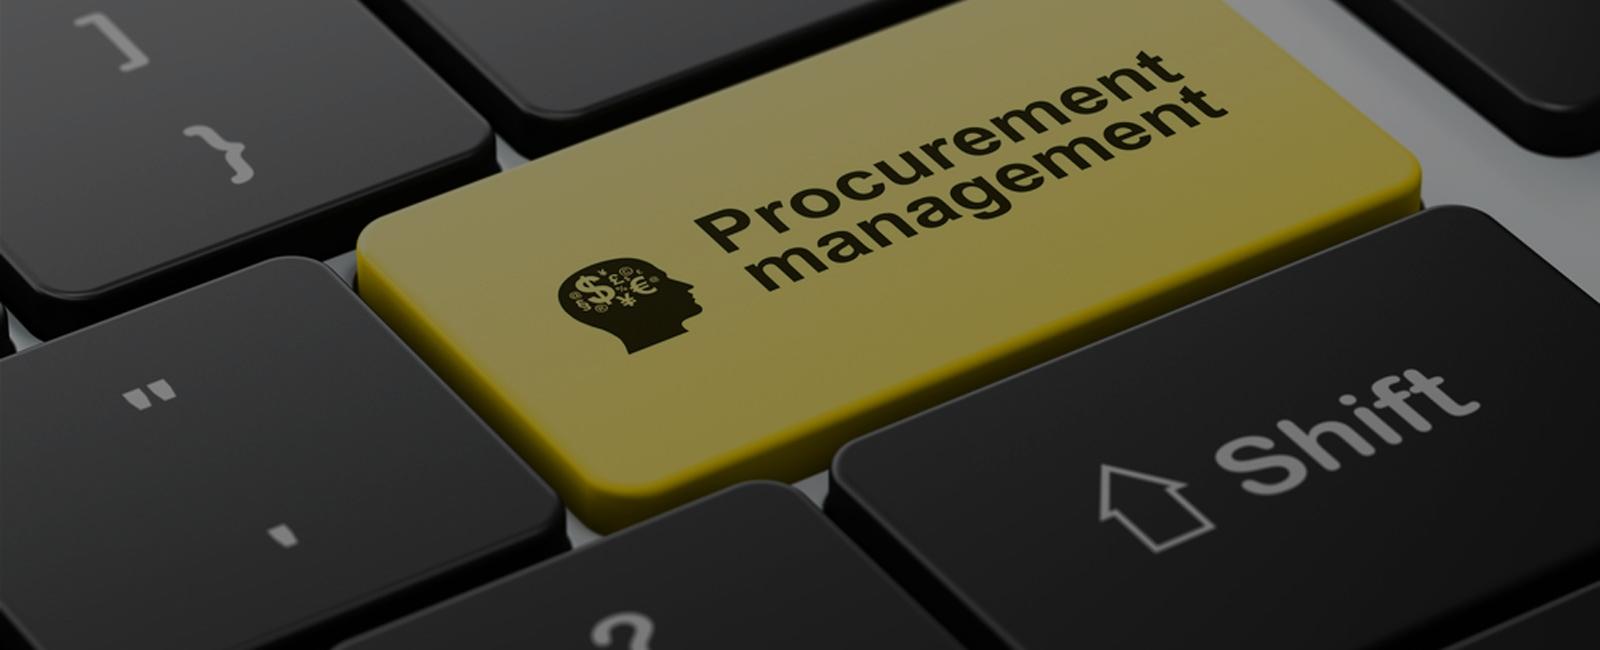 O&A Mgt - Procurement Management